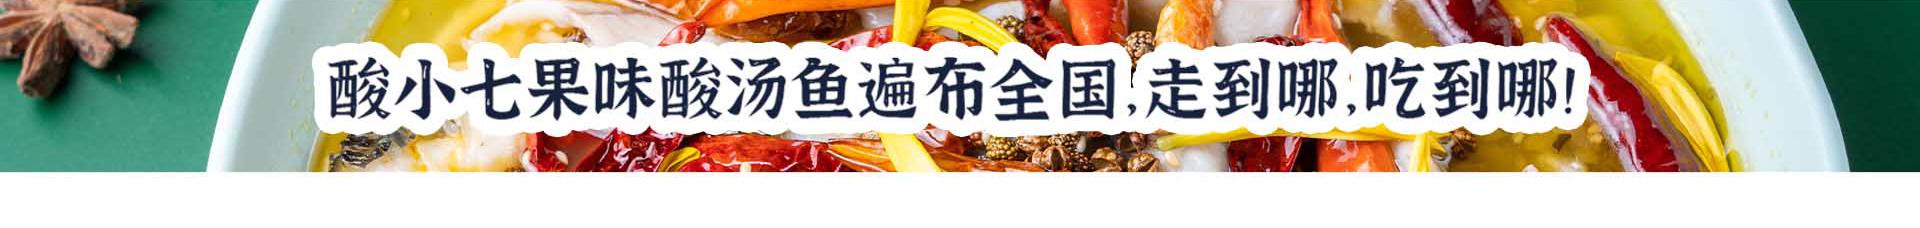 酸小七果味酸汤鱼新版详情页_10